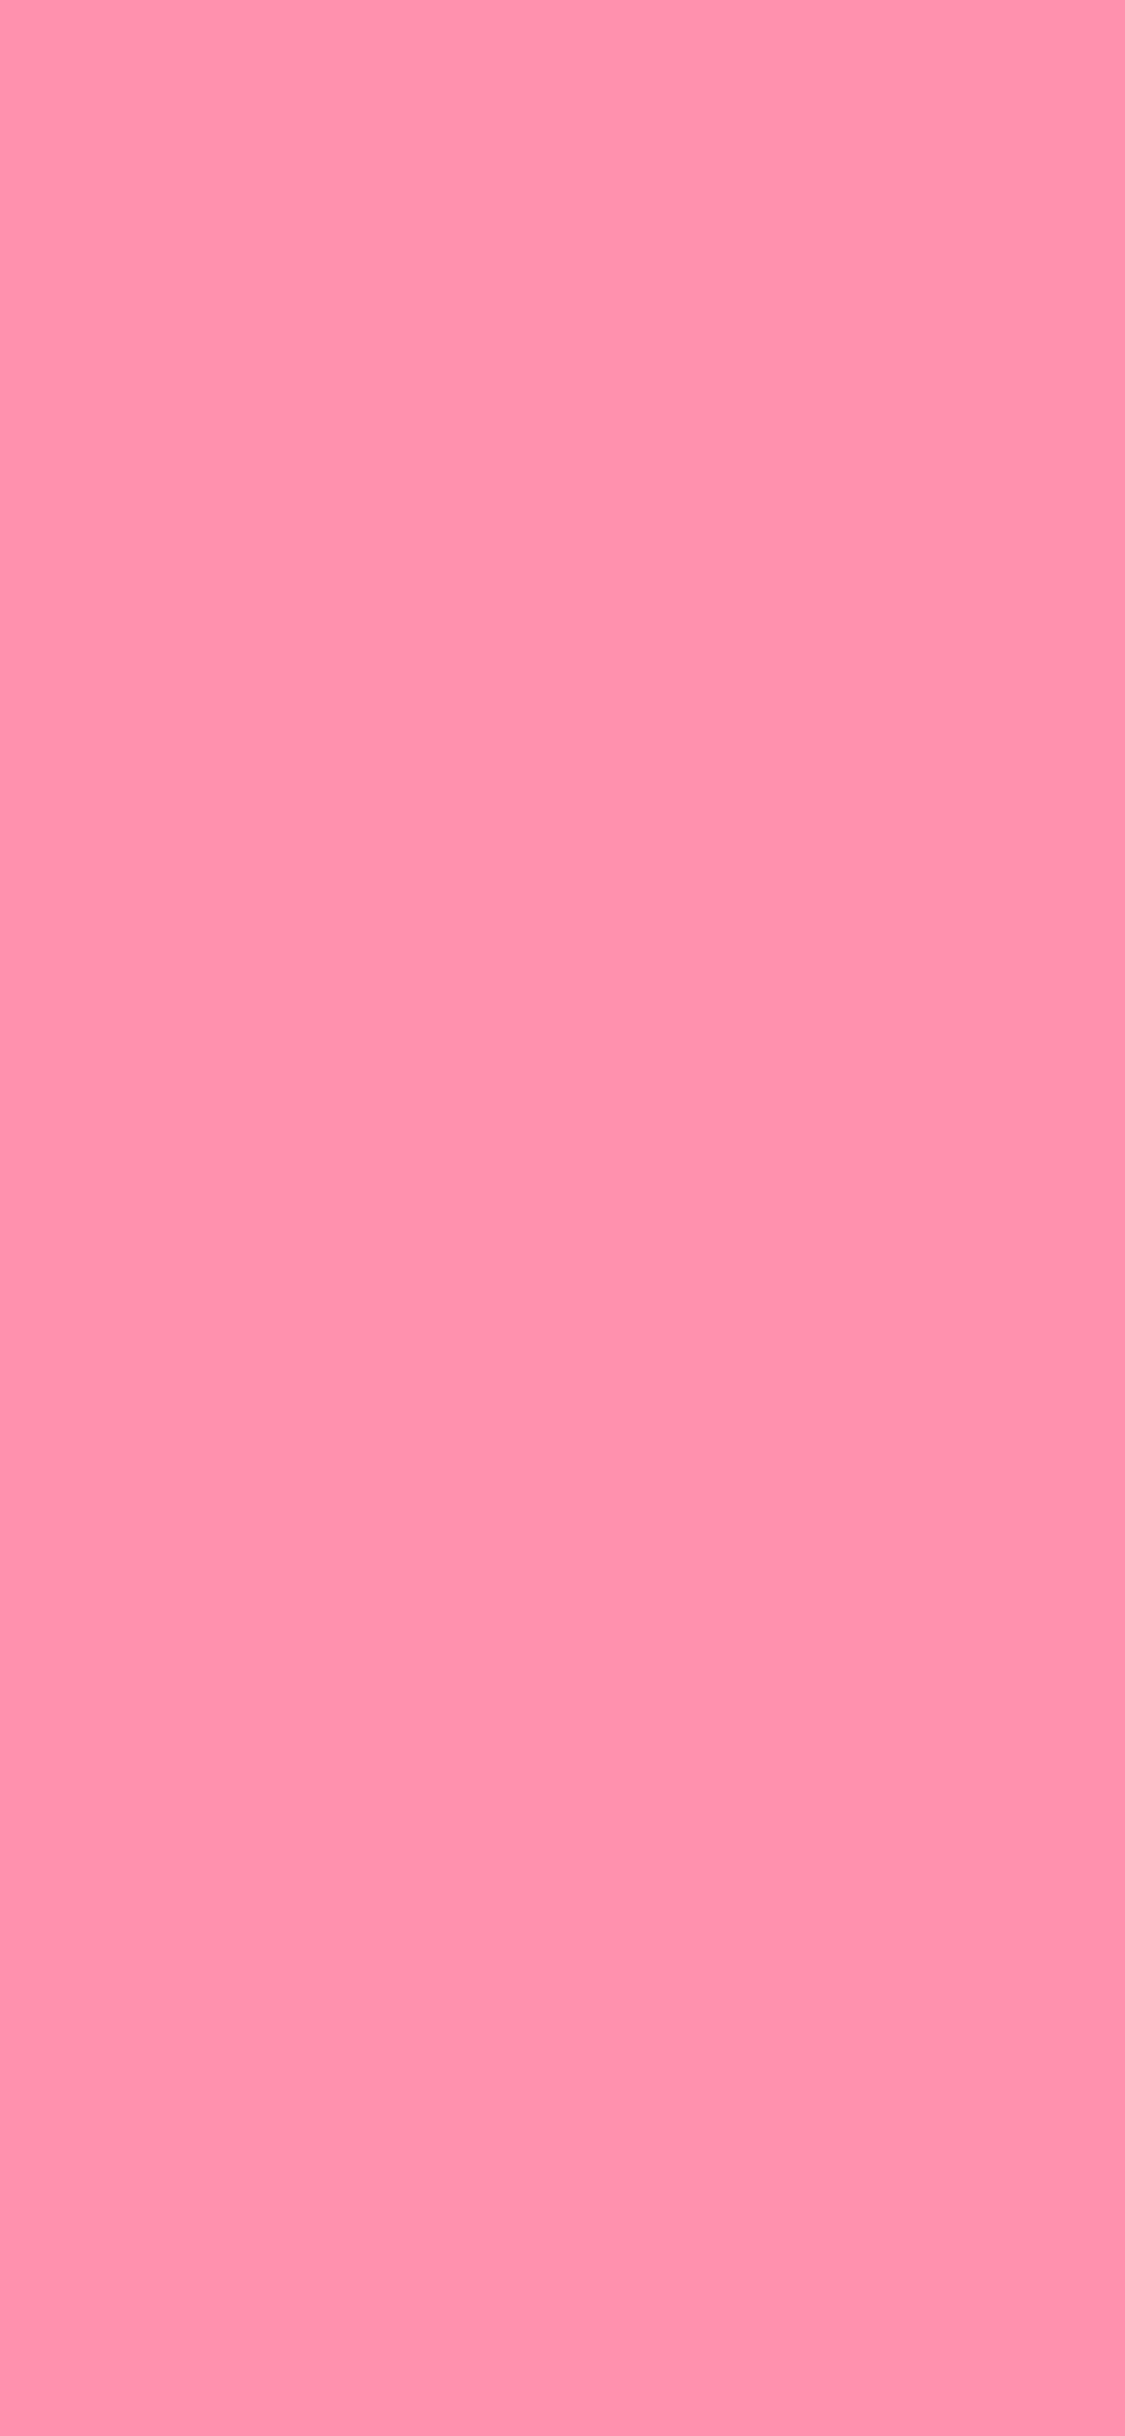 1125x2436 Baker-Miller Pink Solid Color Background